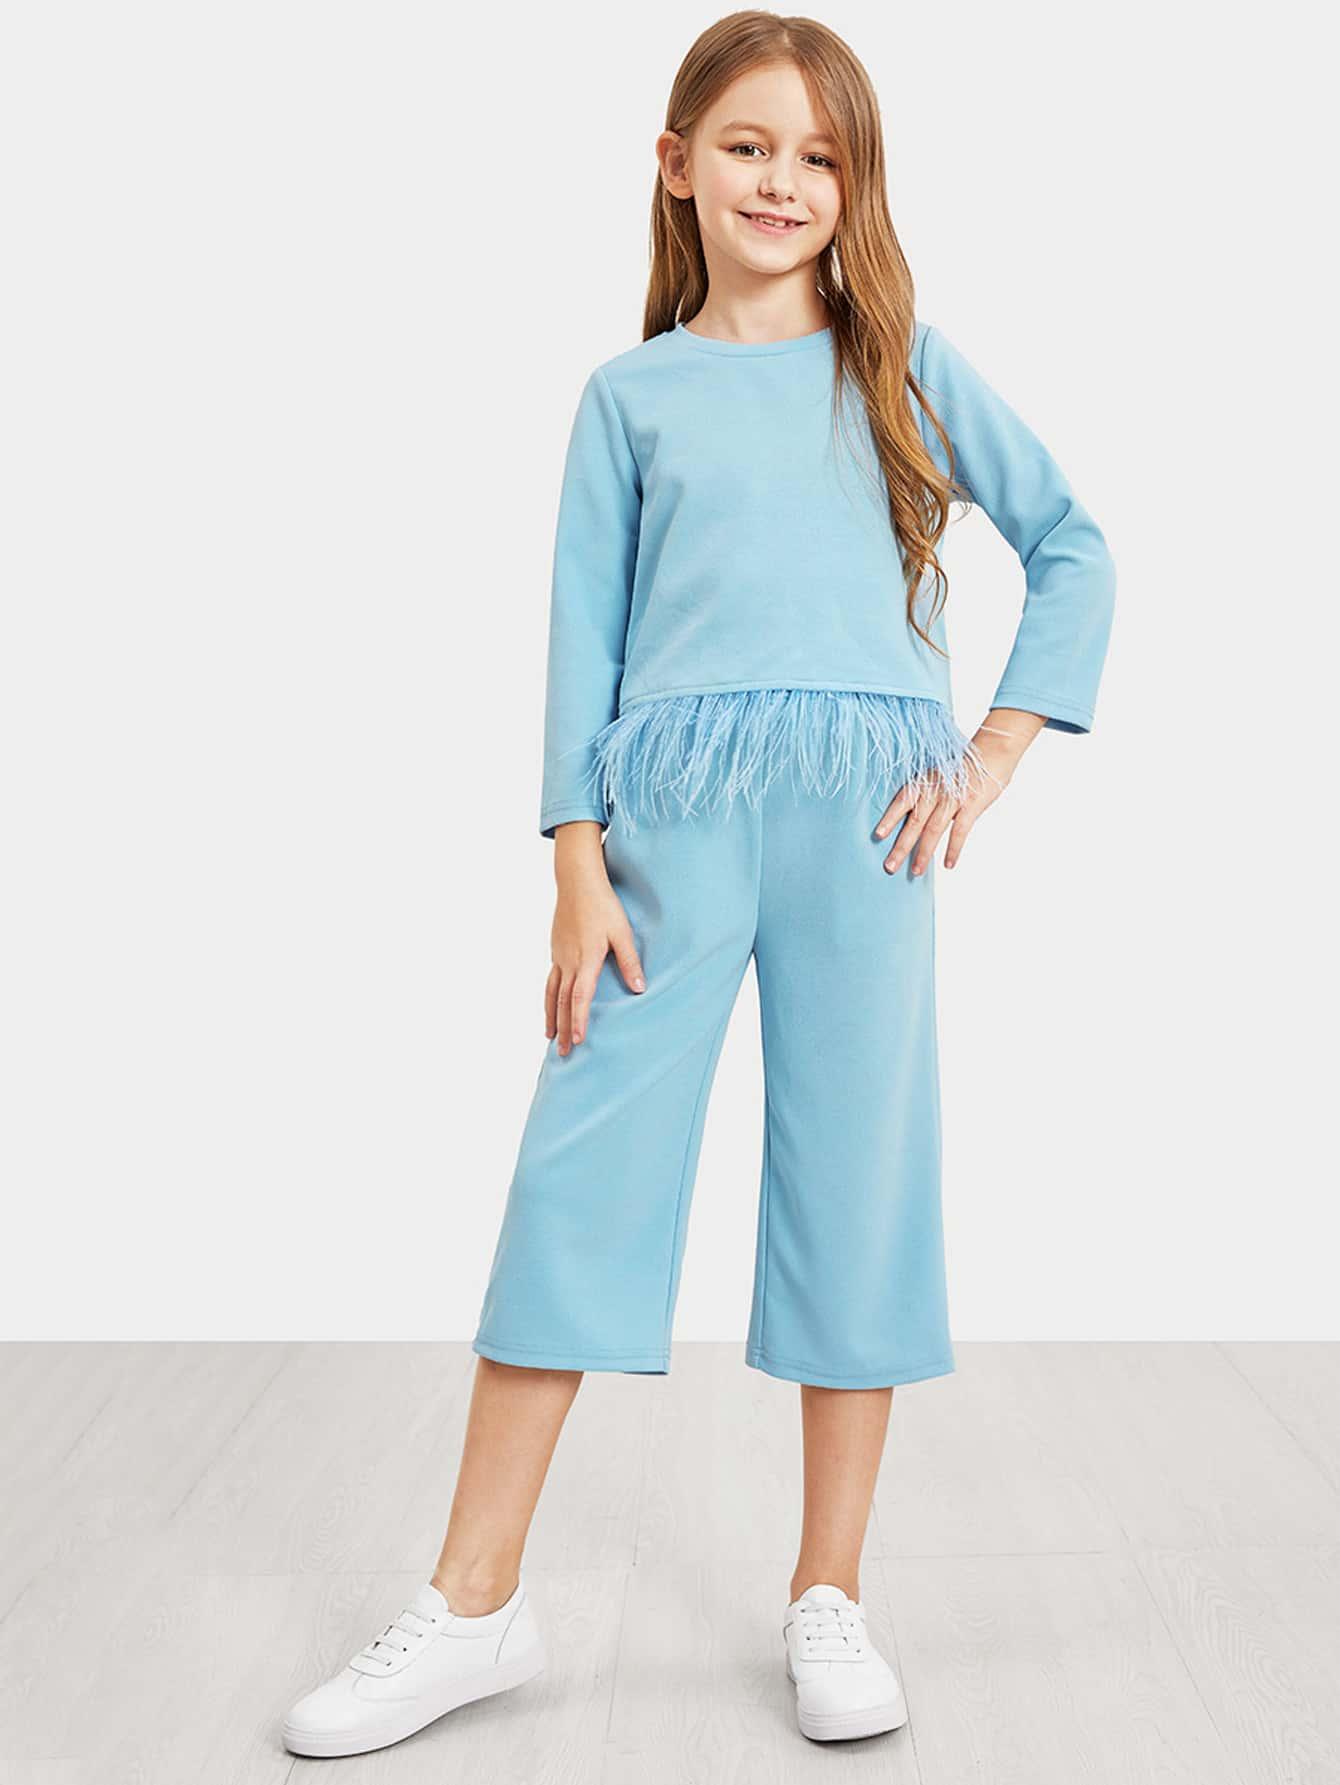 Купить Комплект брюки и топ из искусственного меха для девочек, Sashab, SheIn